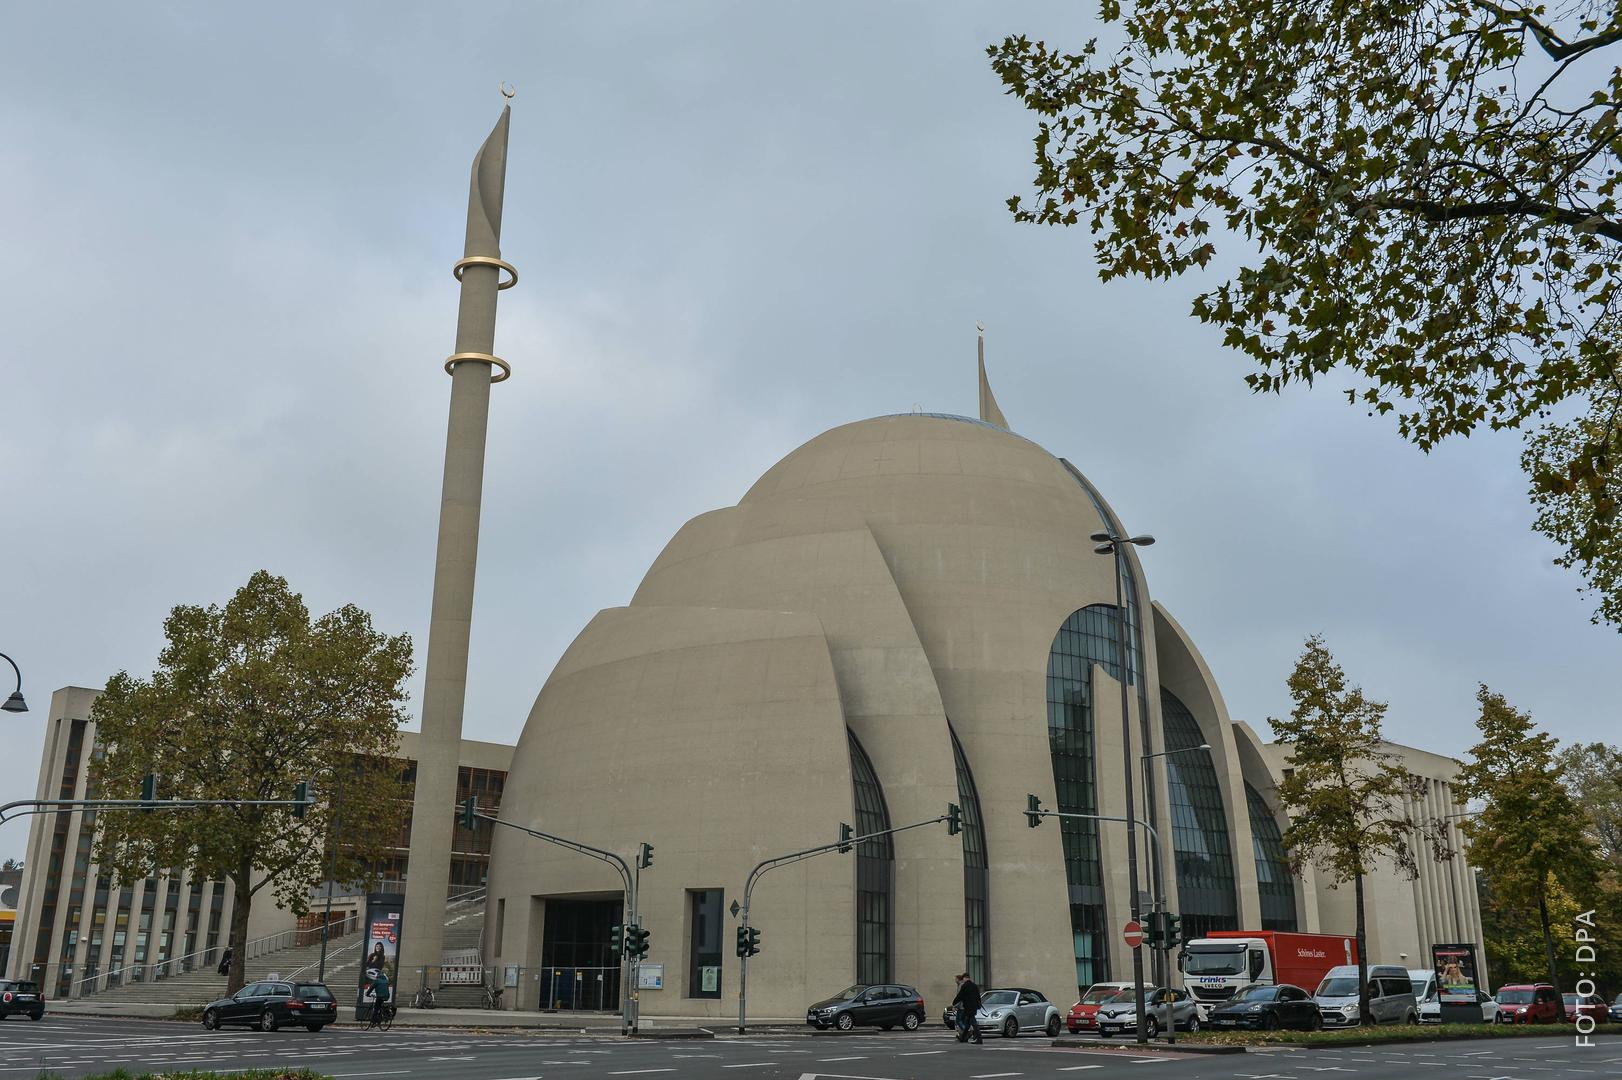 Die neue Zentralmoschee in Köln-Ehrenfeld